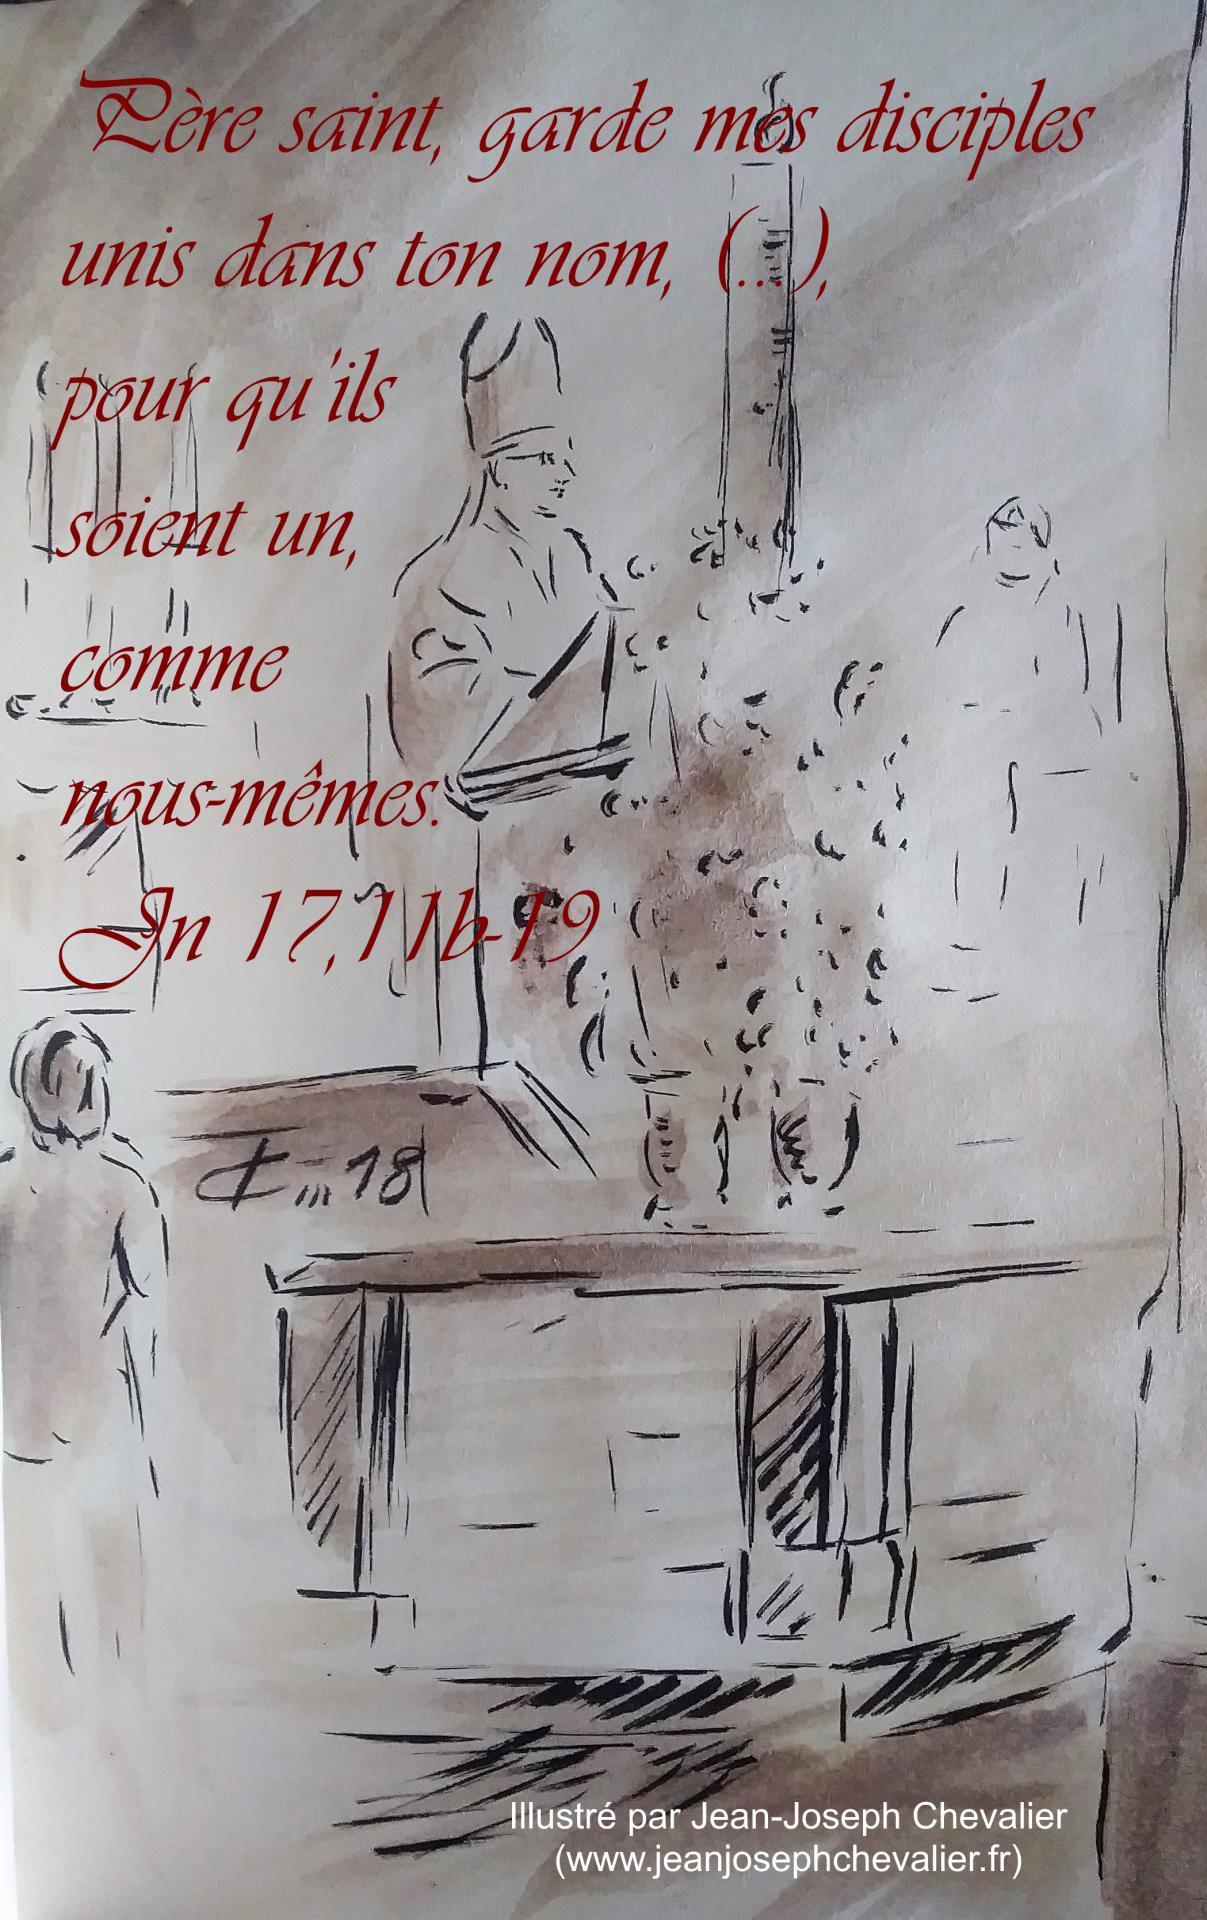 13 mai 2018 evangile du jour illustre par un dessin au lavis de jean joseph chevalier image